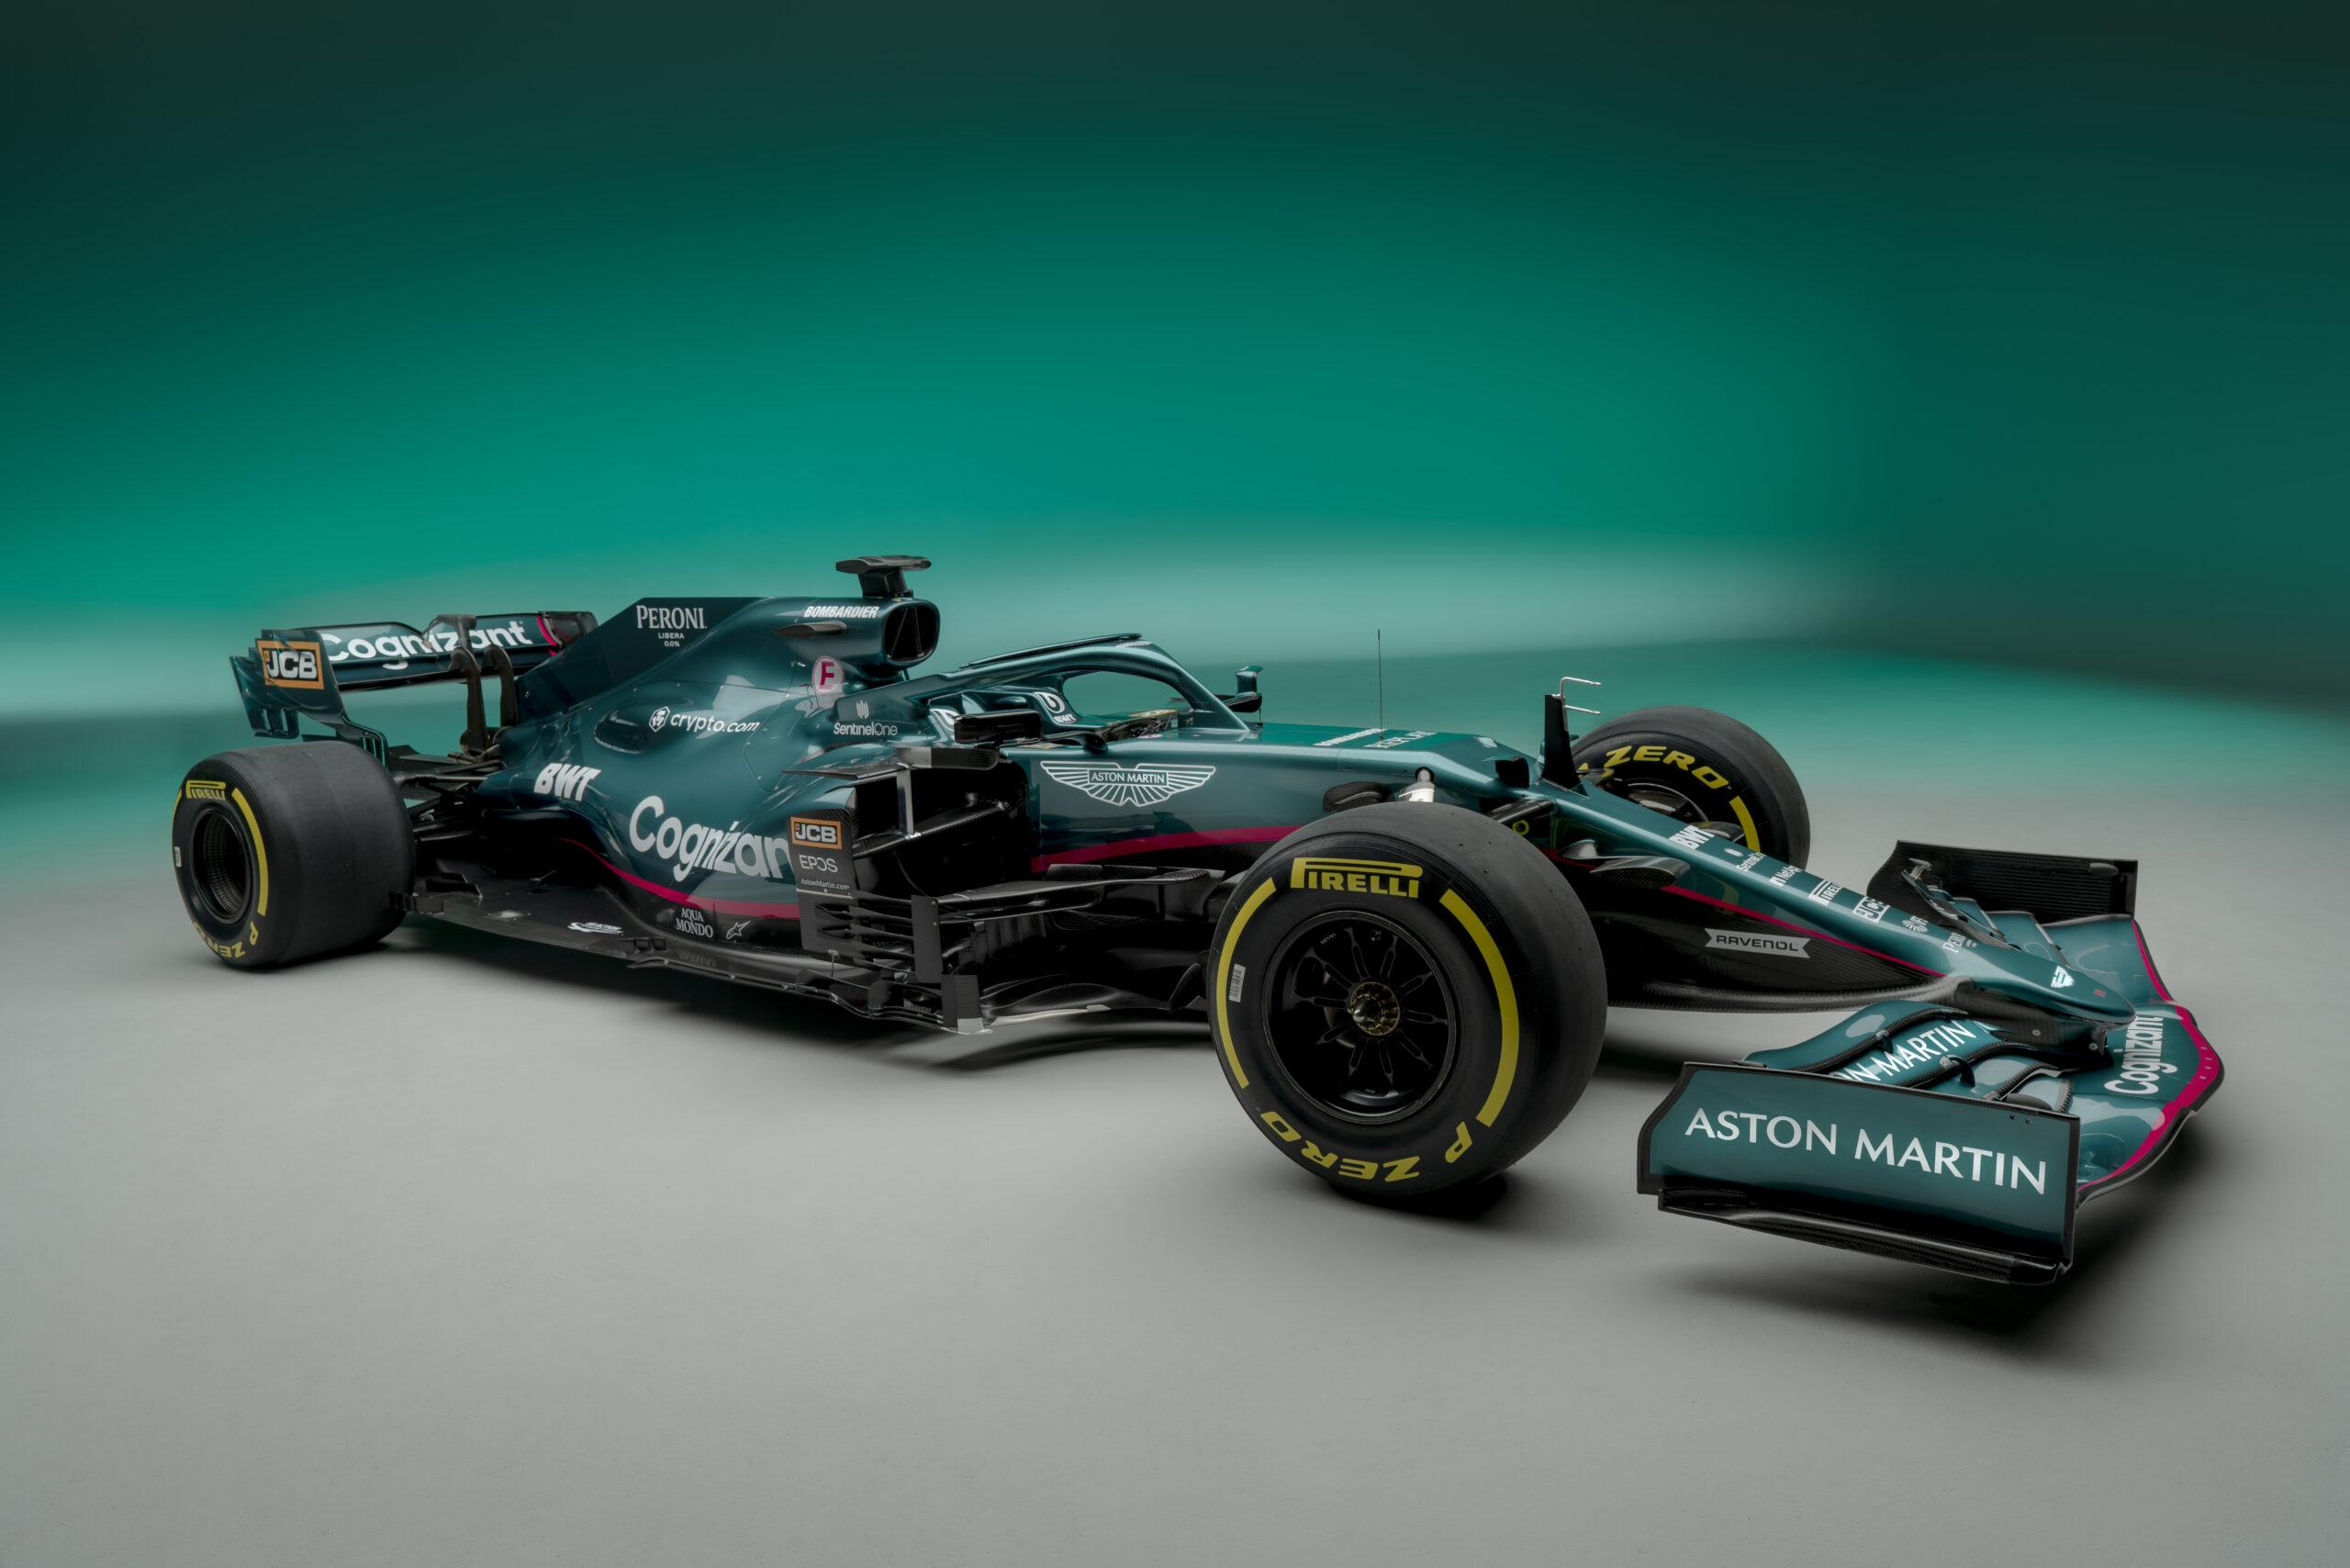 Formel Eins Aston Martin Zeigt Den Amr21 Für Die Saison 2021 Racingblog